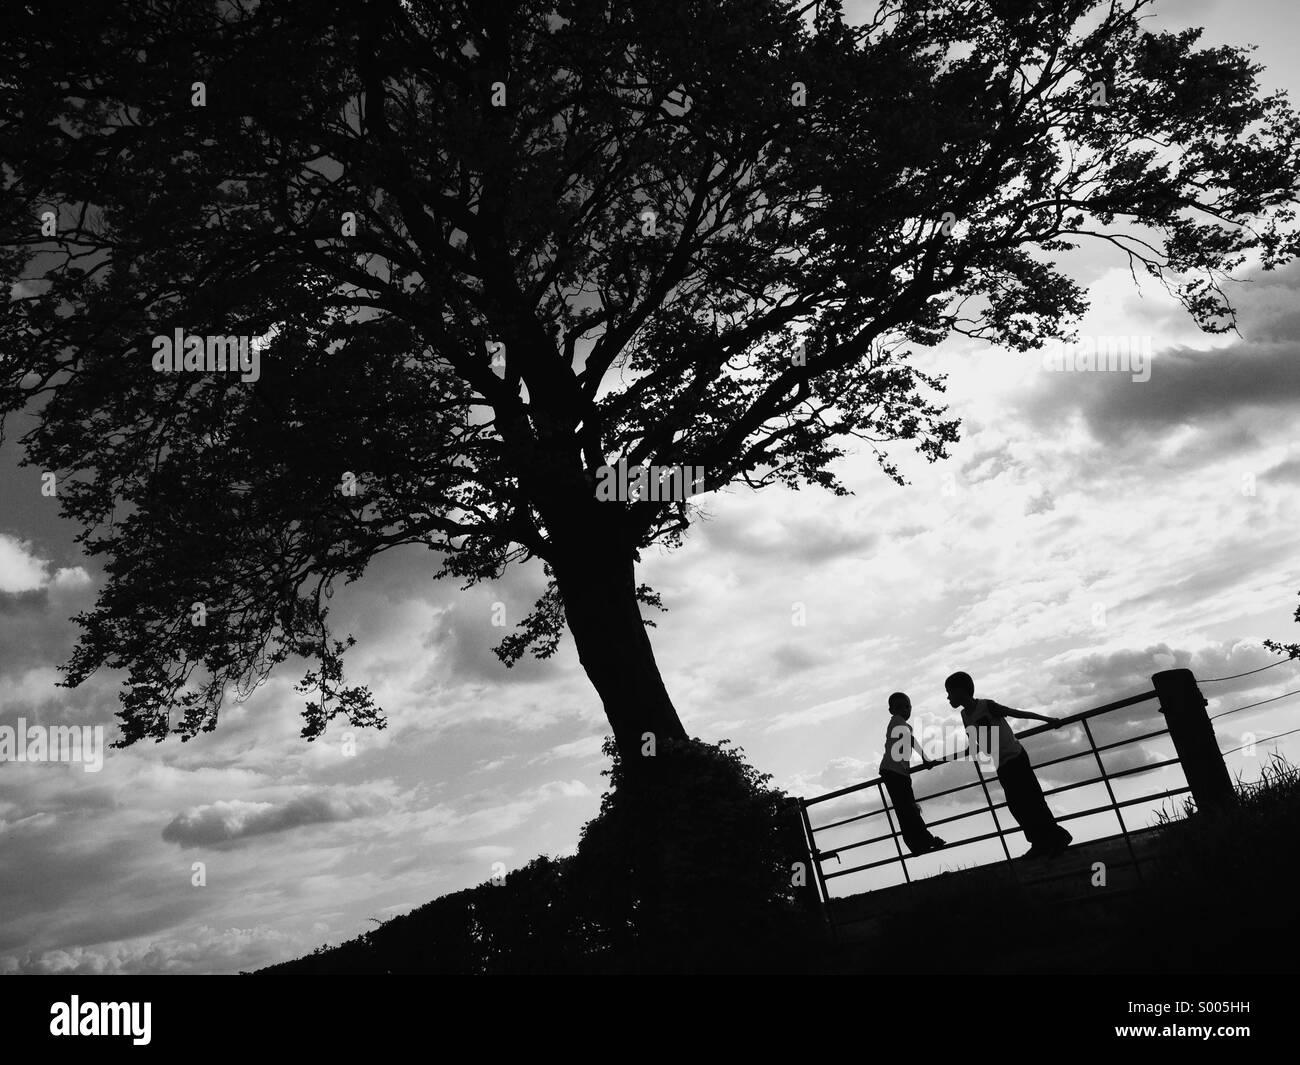 Zwei Kinder Silhouette stehend auf einem Tor neben einem großen Baum Stockbild